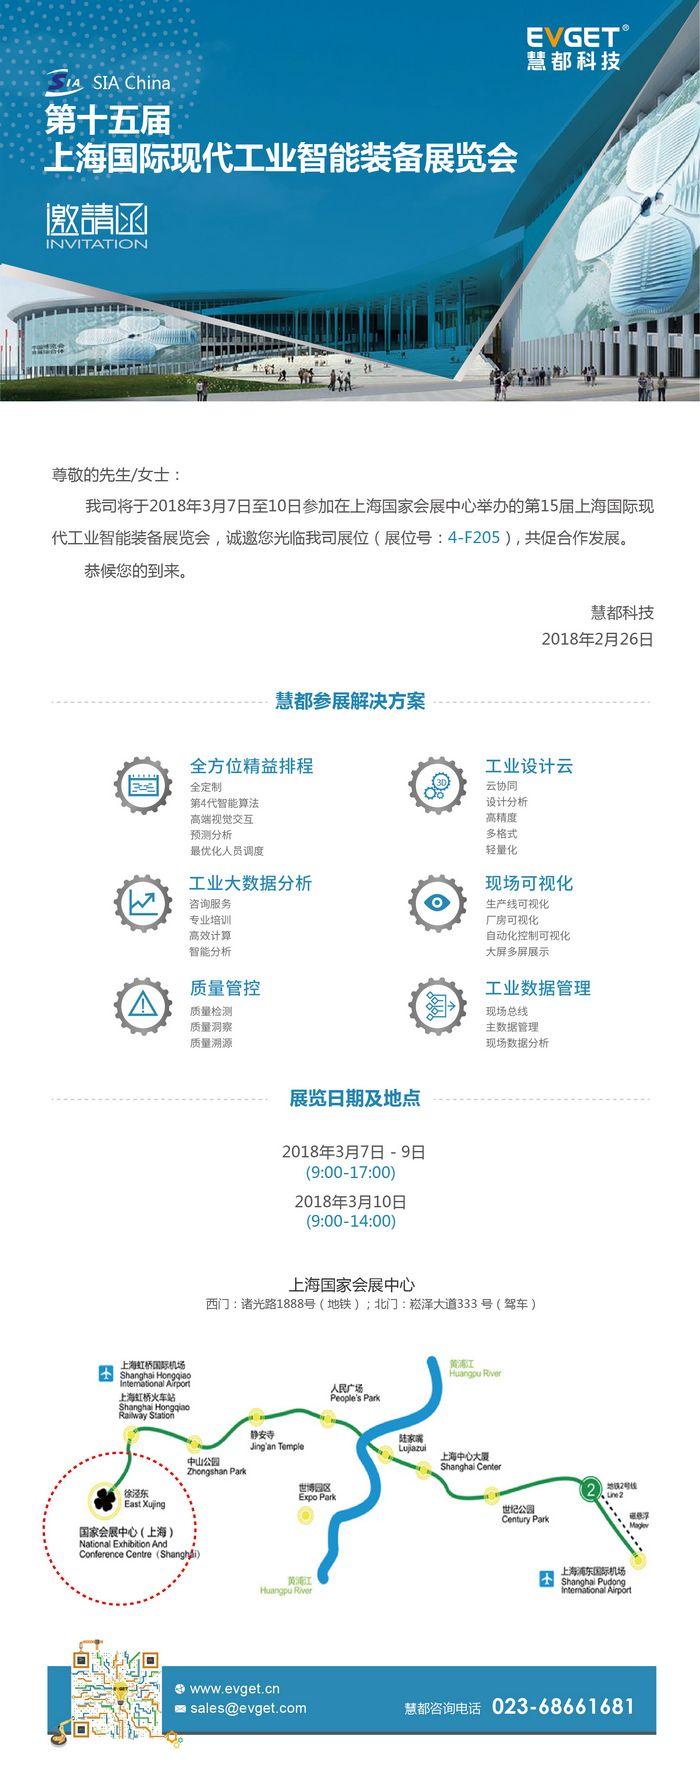 第15届国际现代智能装备展览会邀请函